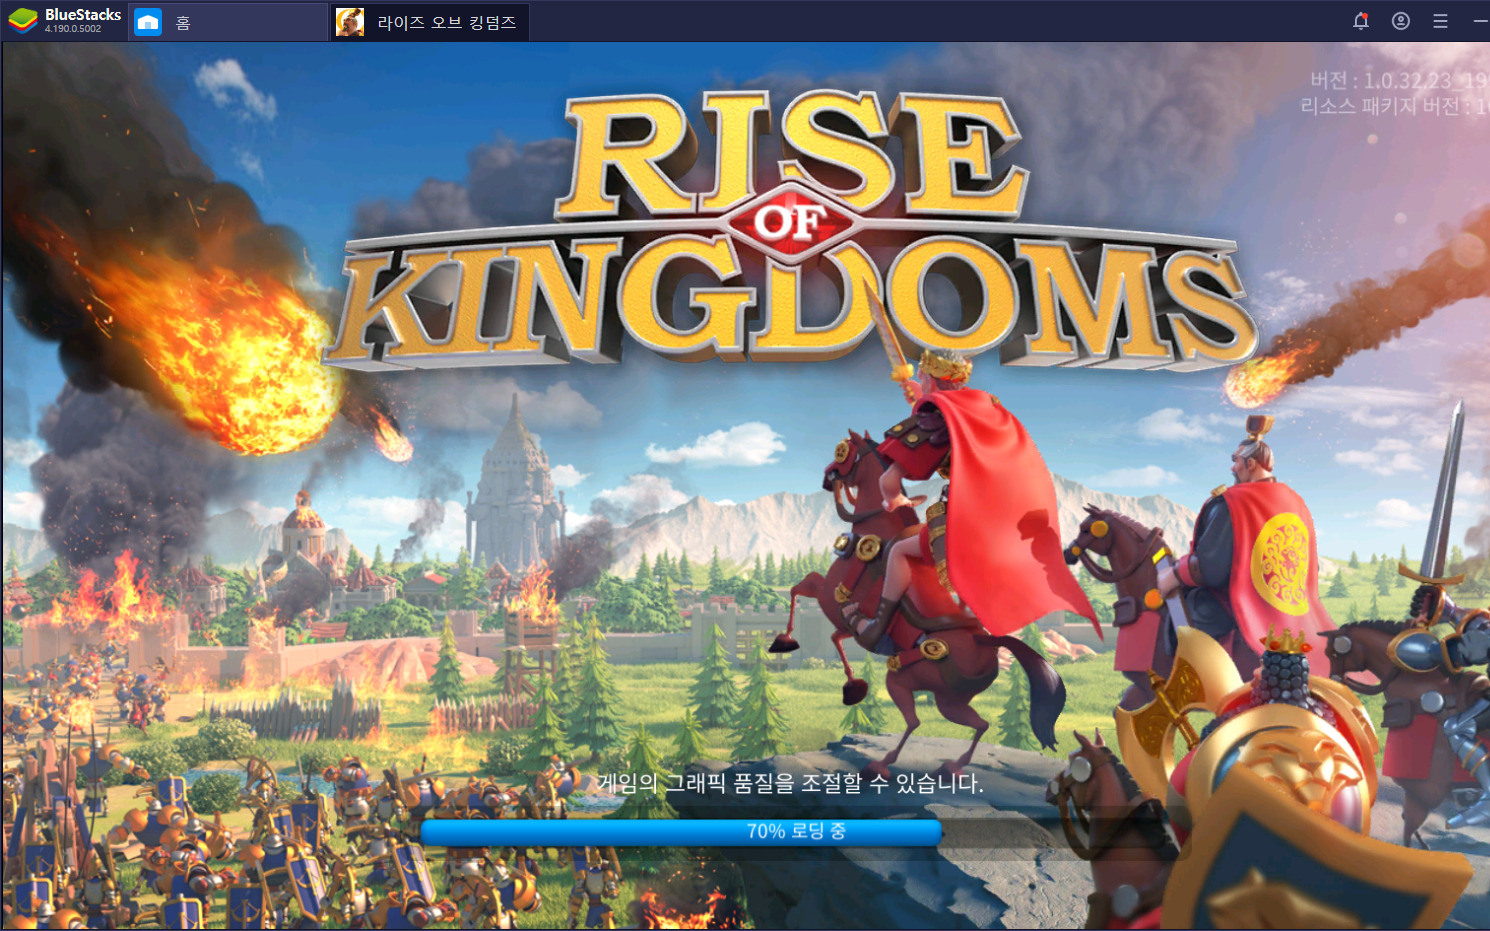 라이즈 오브 킹덤즈 블루스택으로 게임하면 정말 편리하죠!